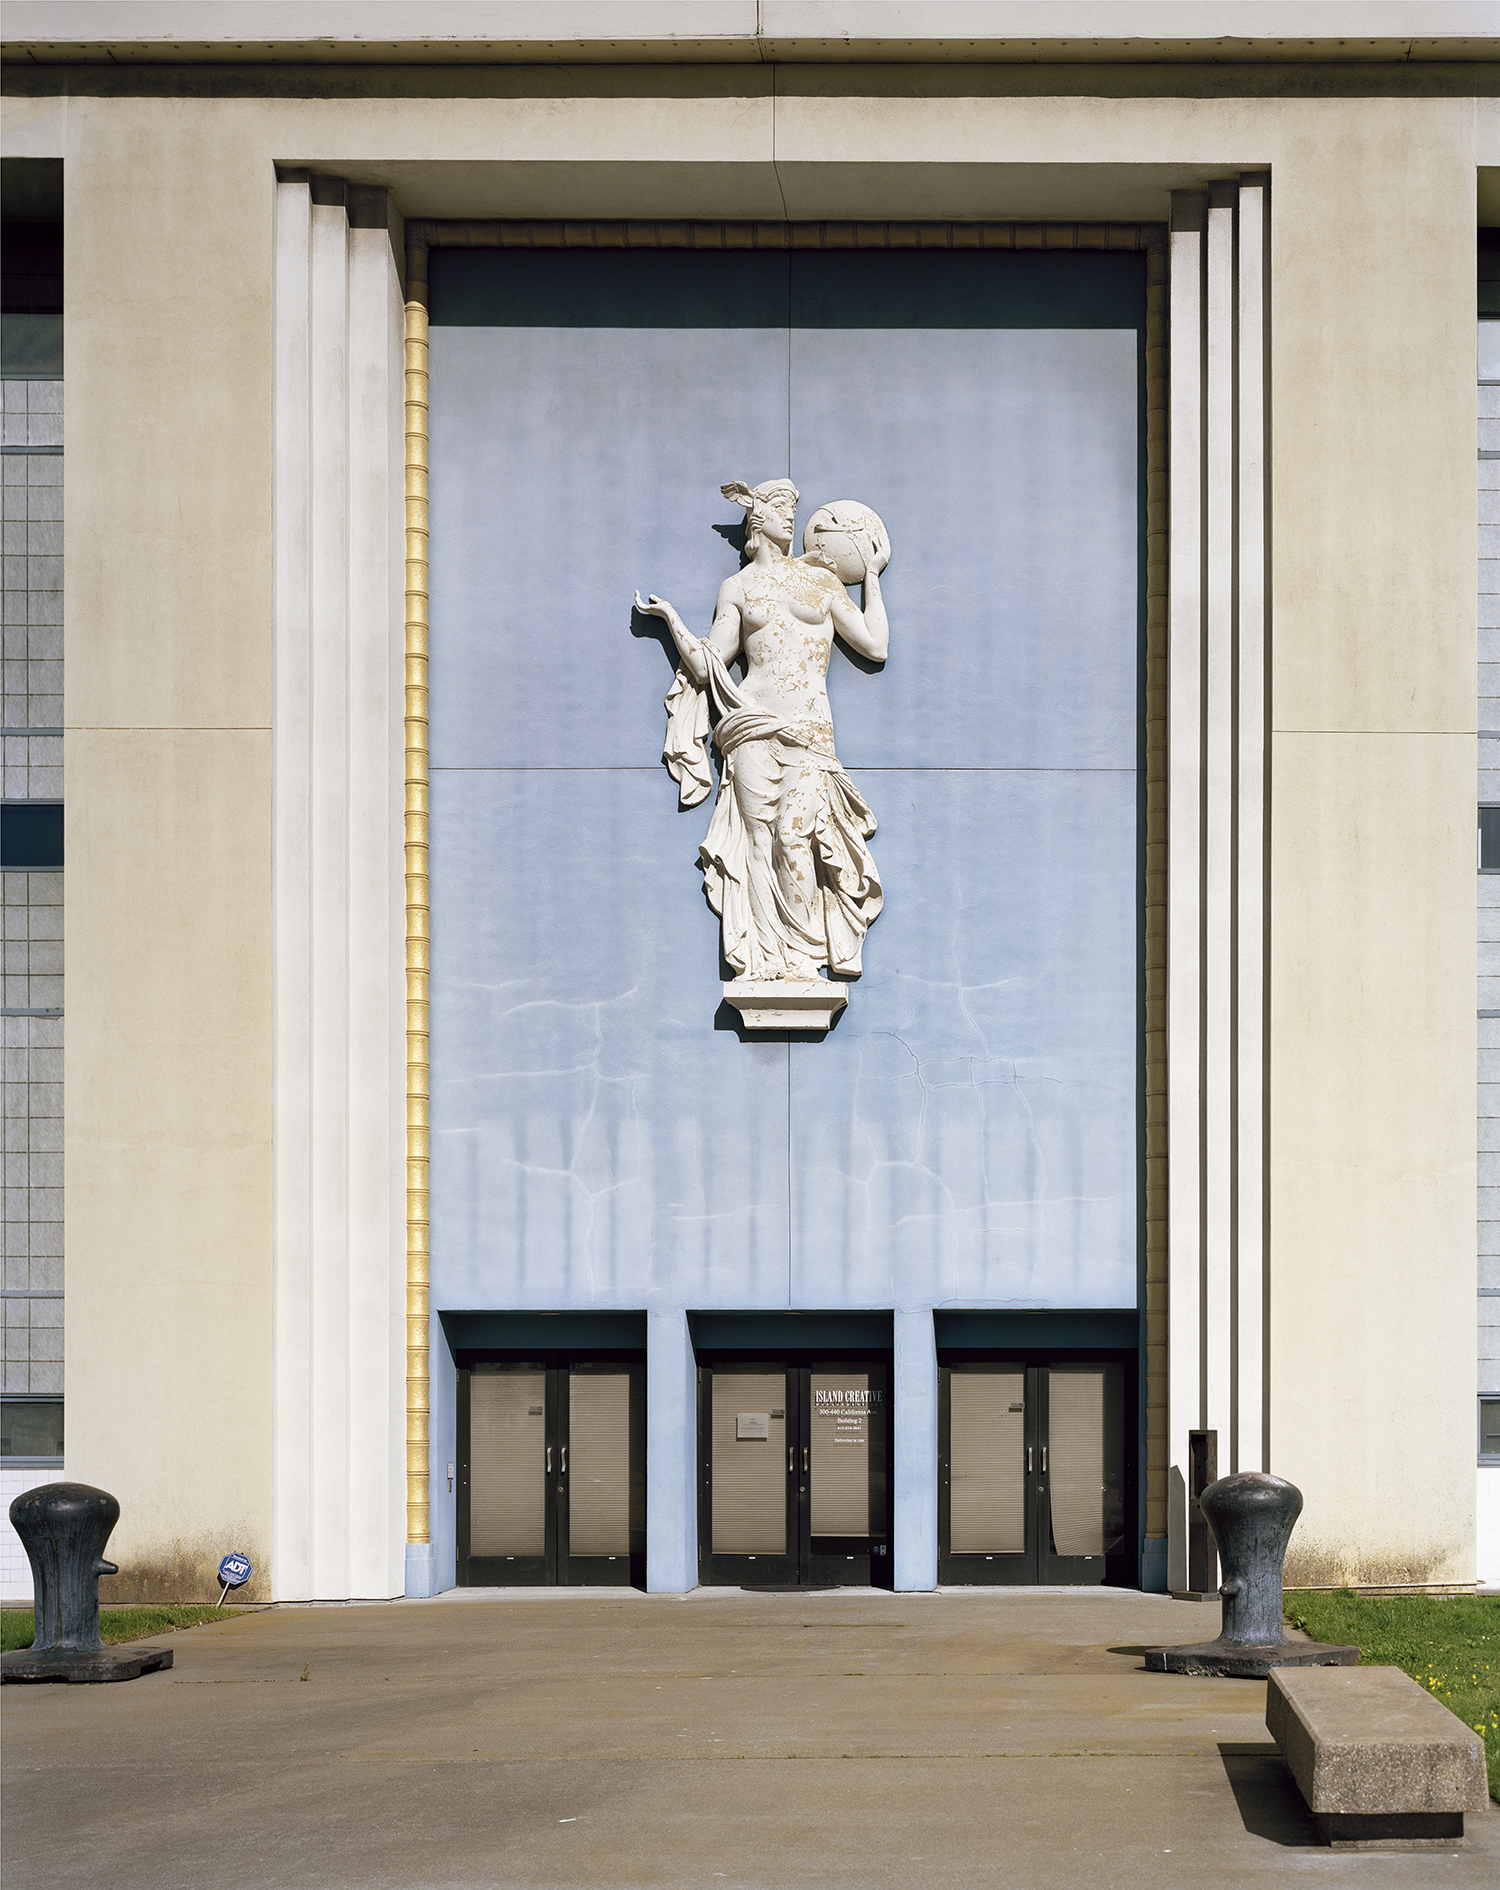 Lost-Utopias-Jade-Doskow-Front-Room-Gallery-San-Francisco-1939-Entrance.jpg